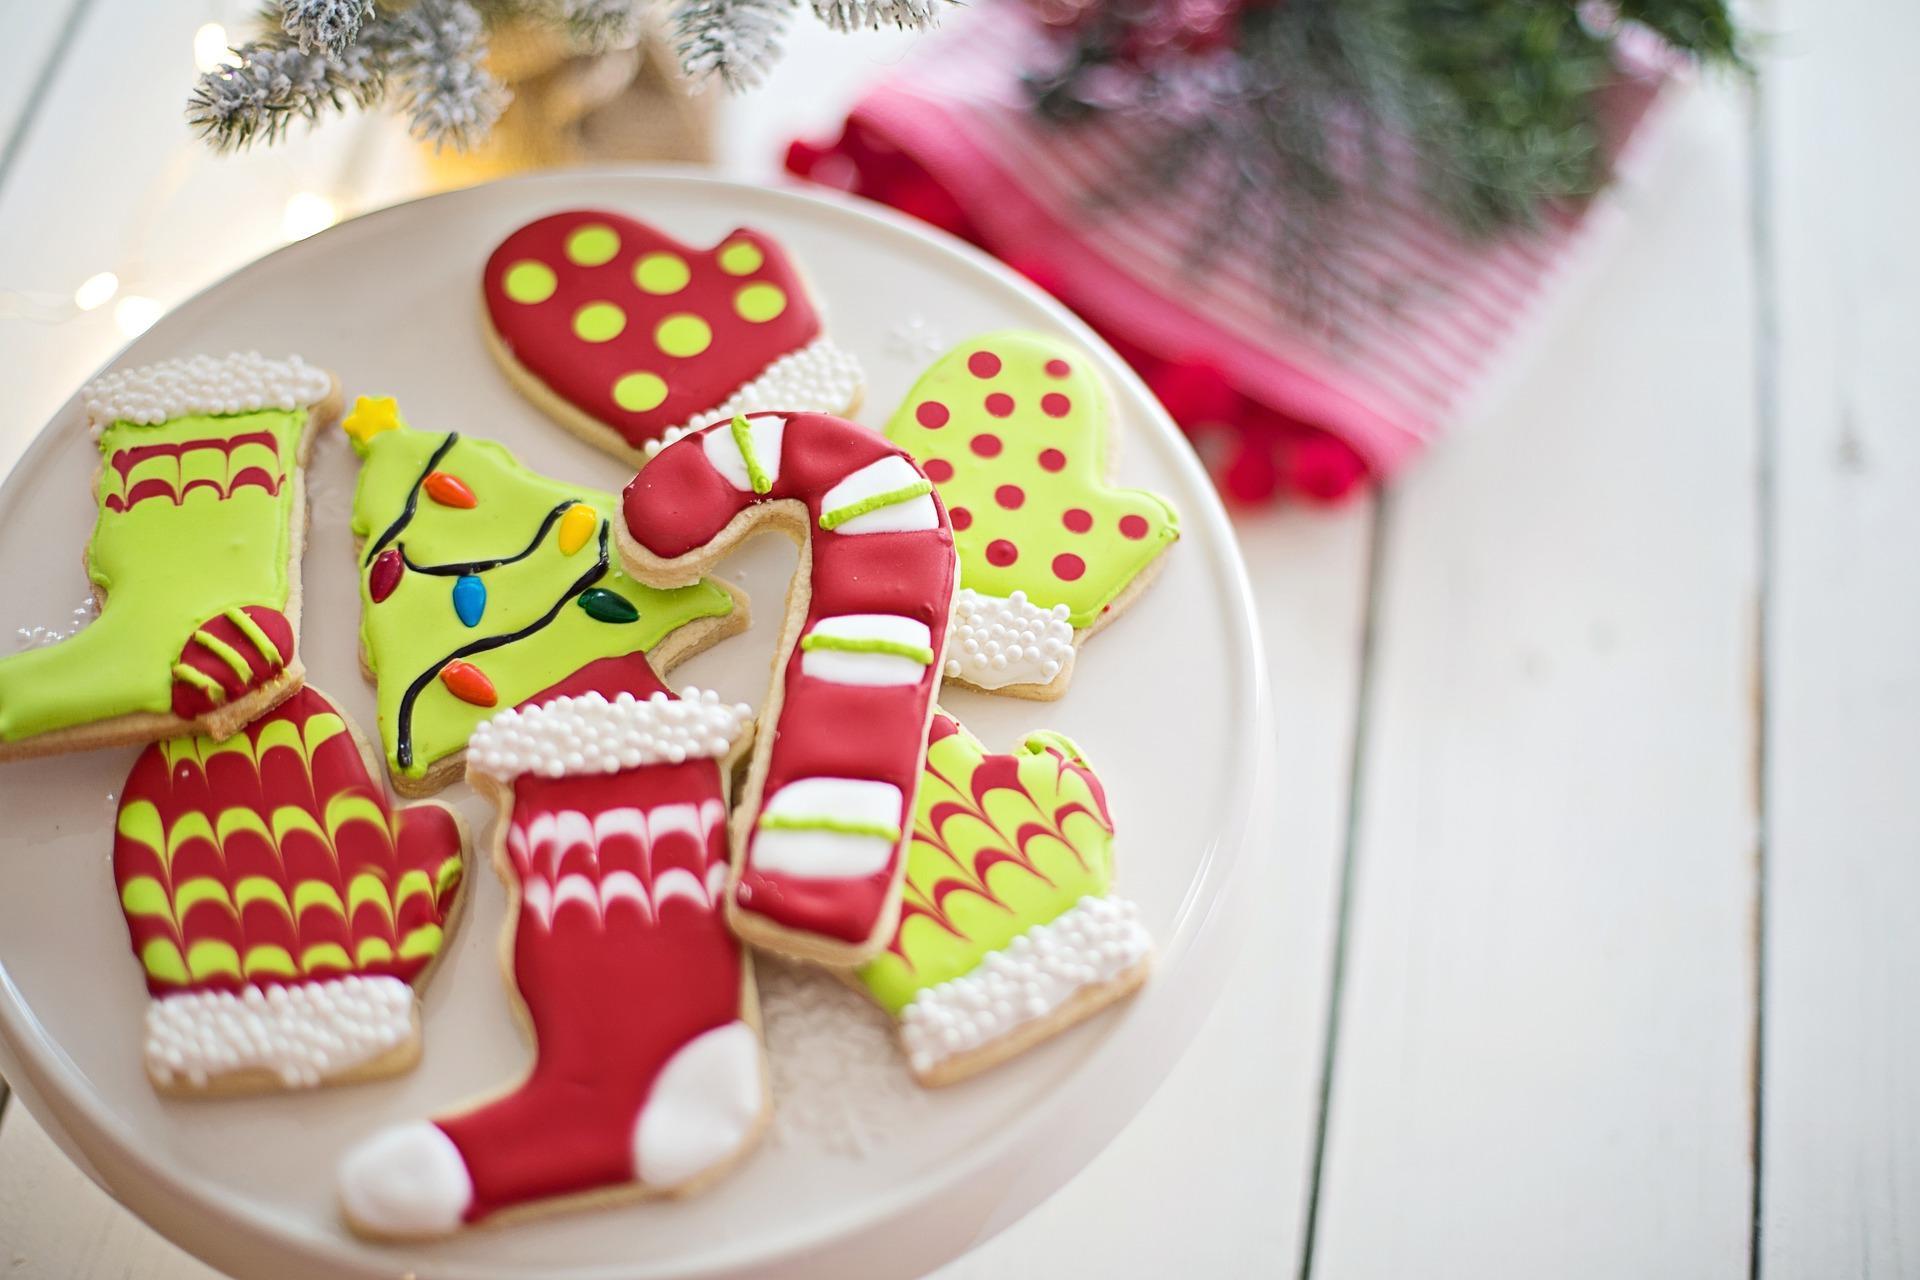 Imagem mostra biscoitos decorados de Natal